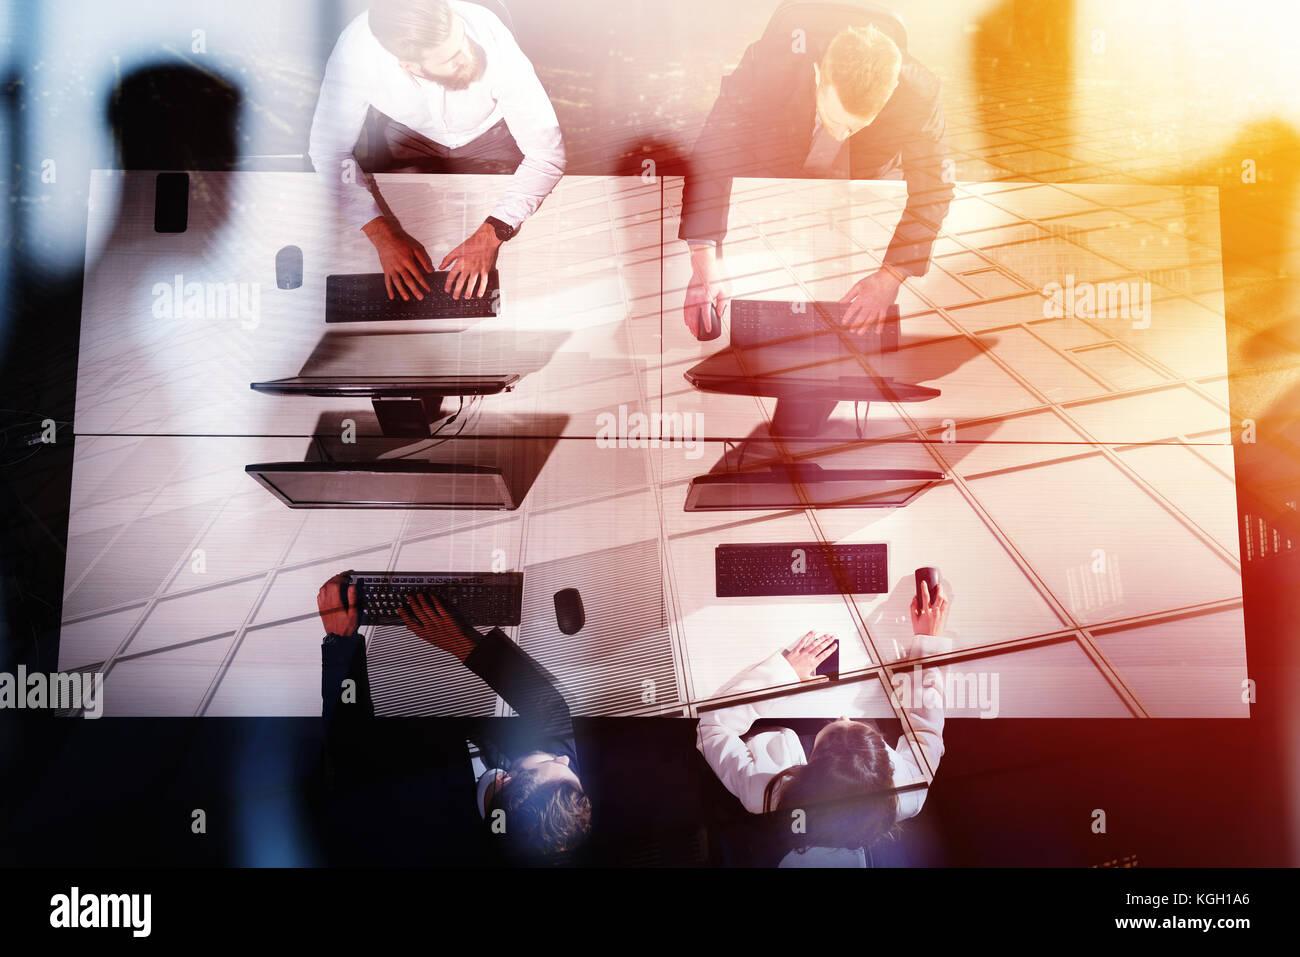 Unternehmer im Büro arbeiten mit Computer. Konzept der Partnerschaft und Zusammenarbeit. Stockbild